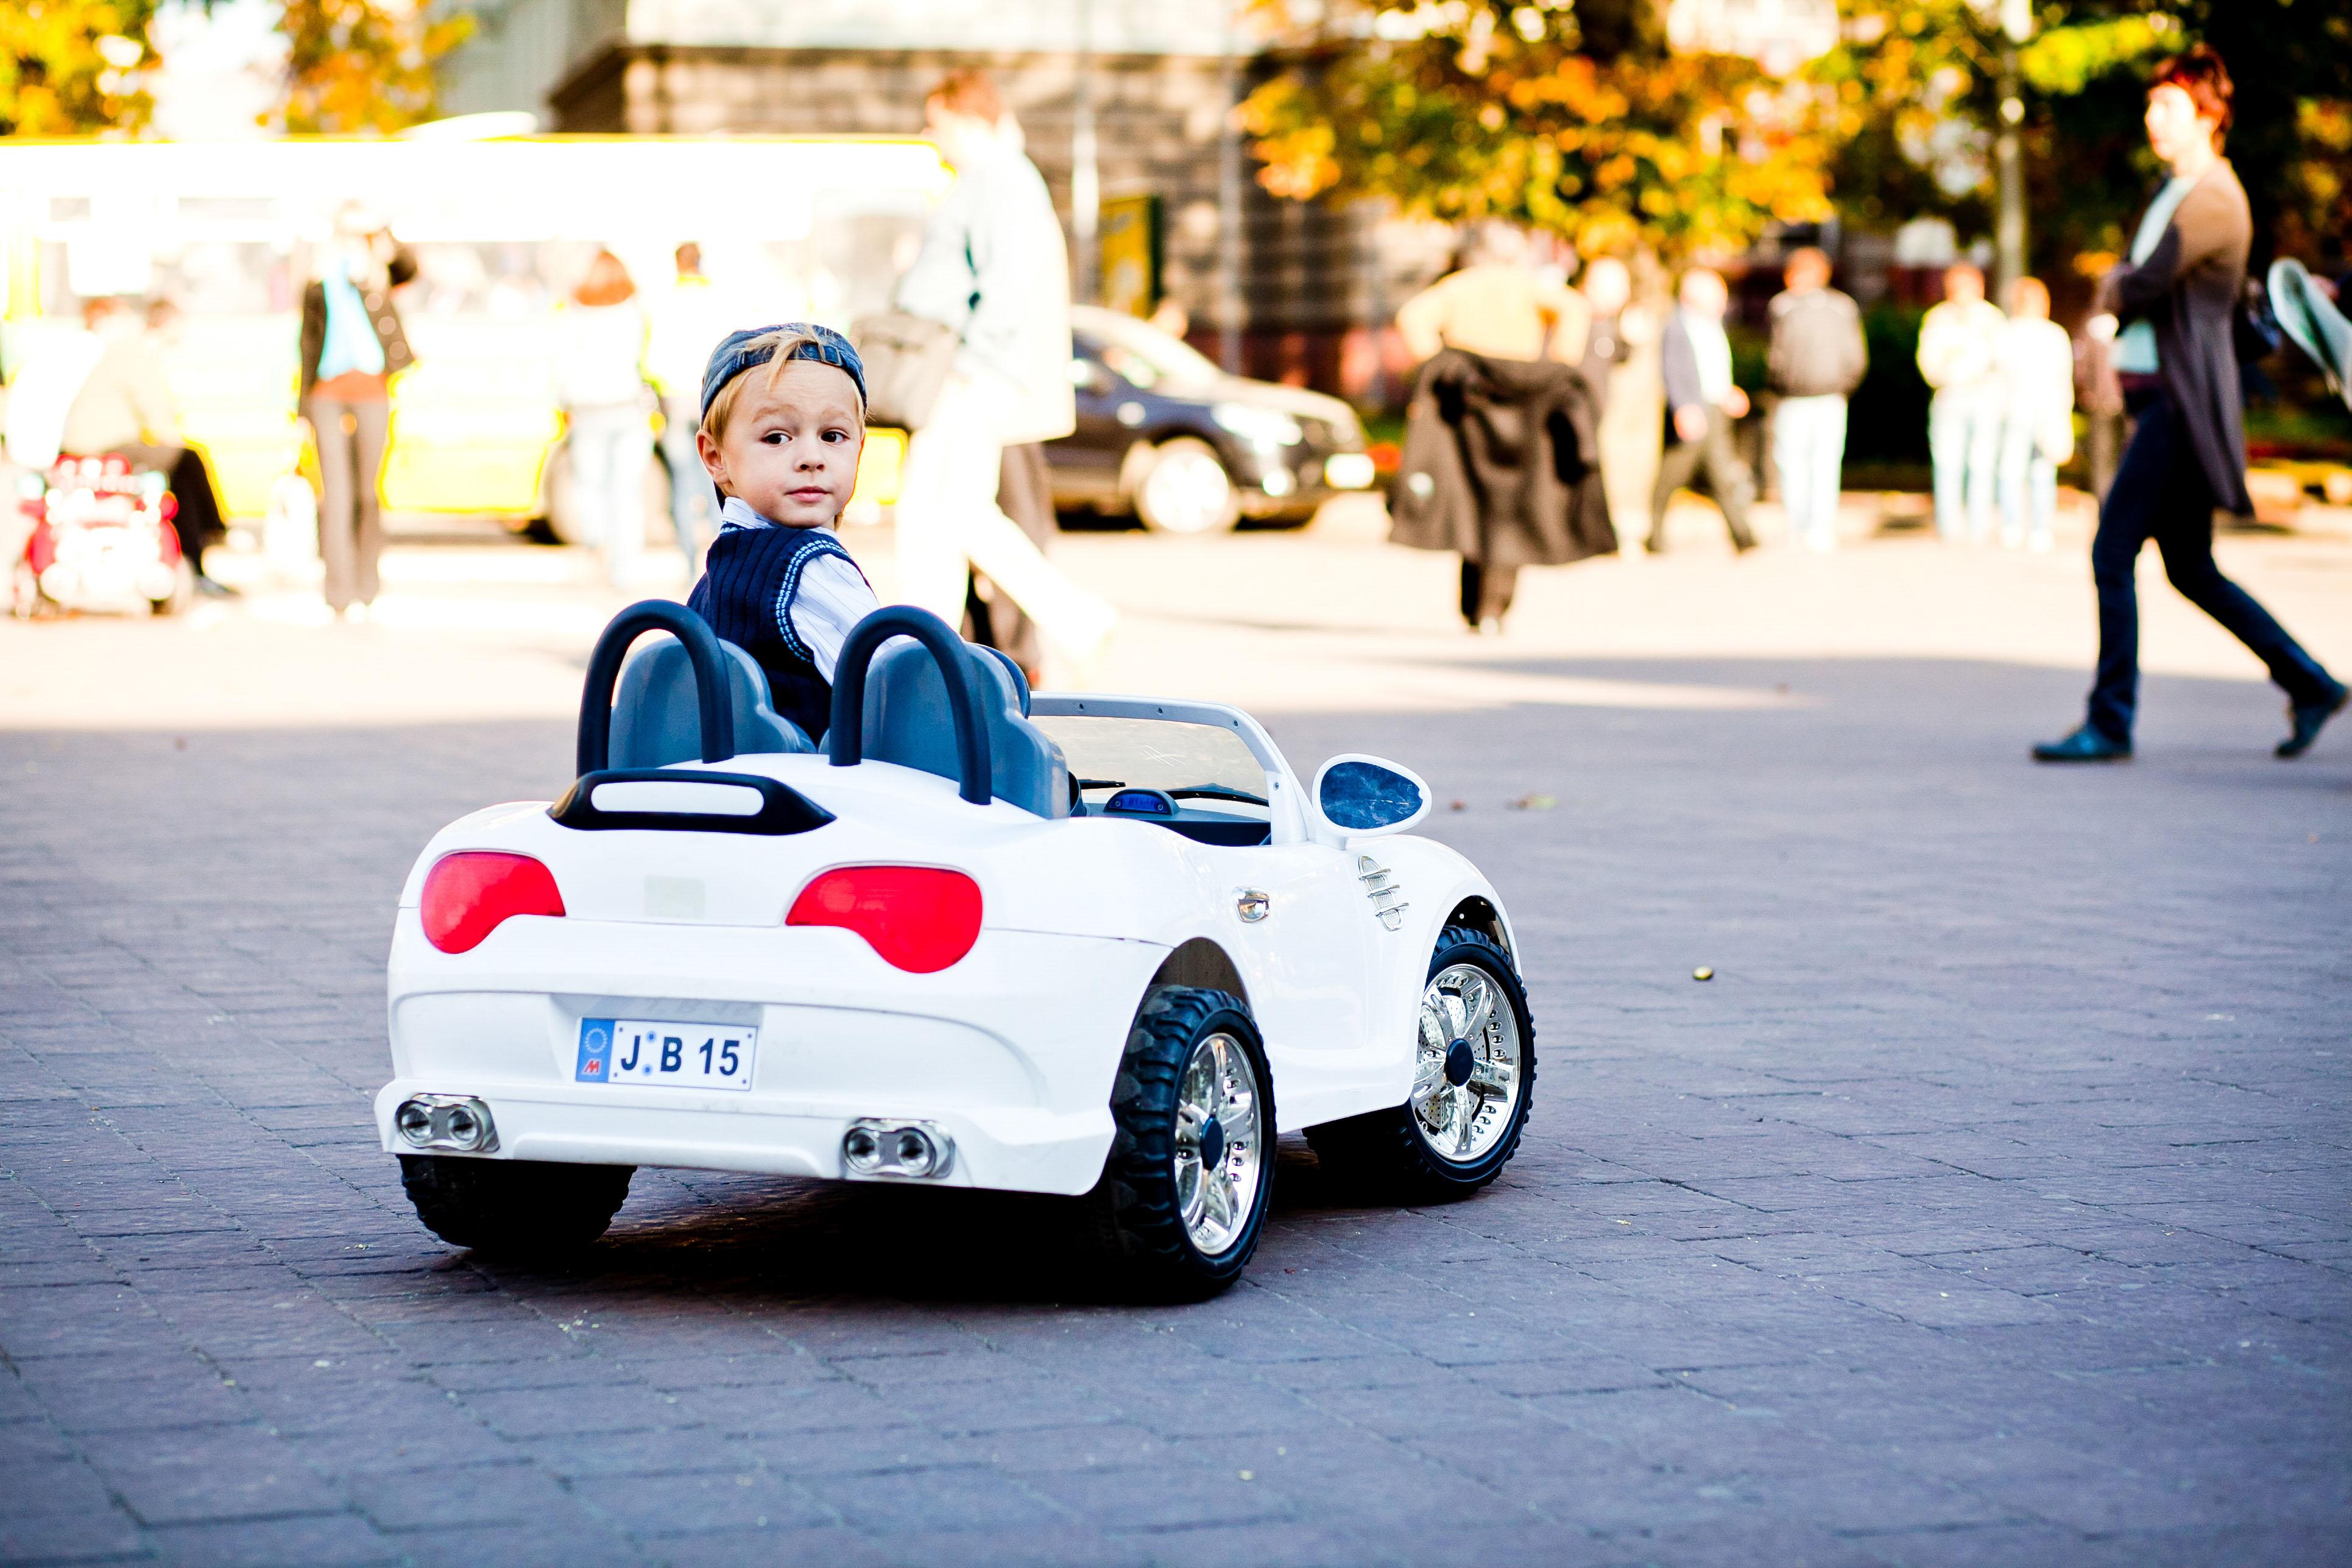 Os miniveículos sempre são ótimas opções para a diversão do seu filho - Imagem Loja Cuba ©